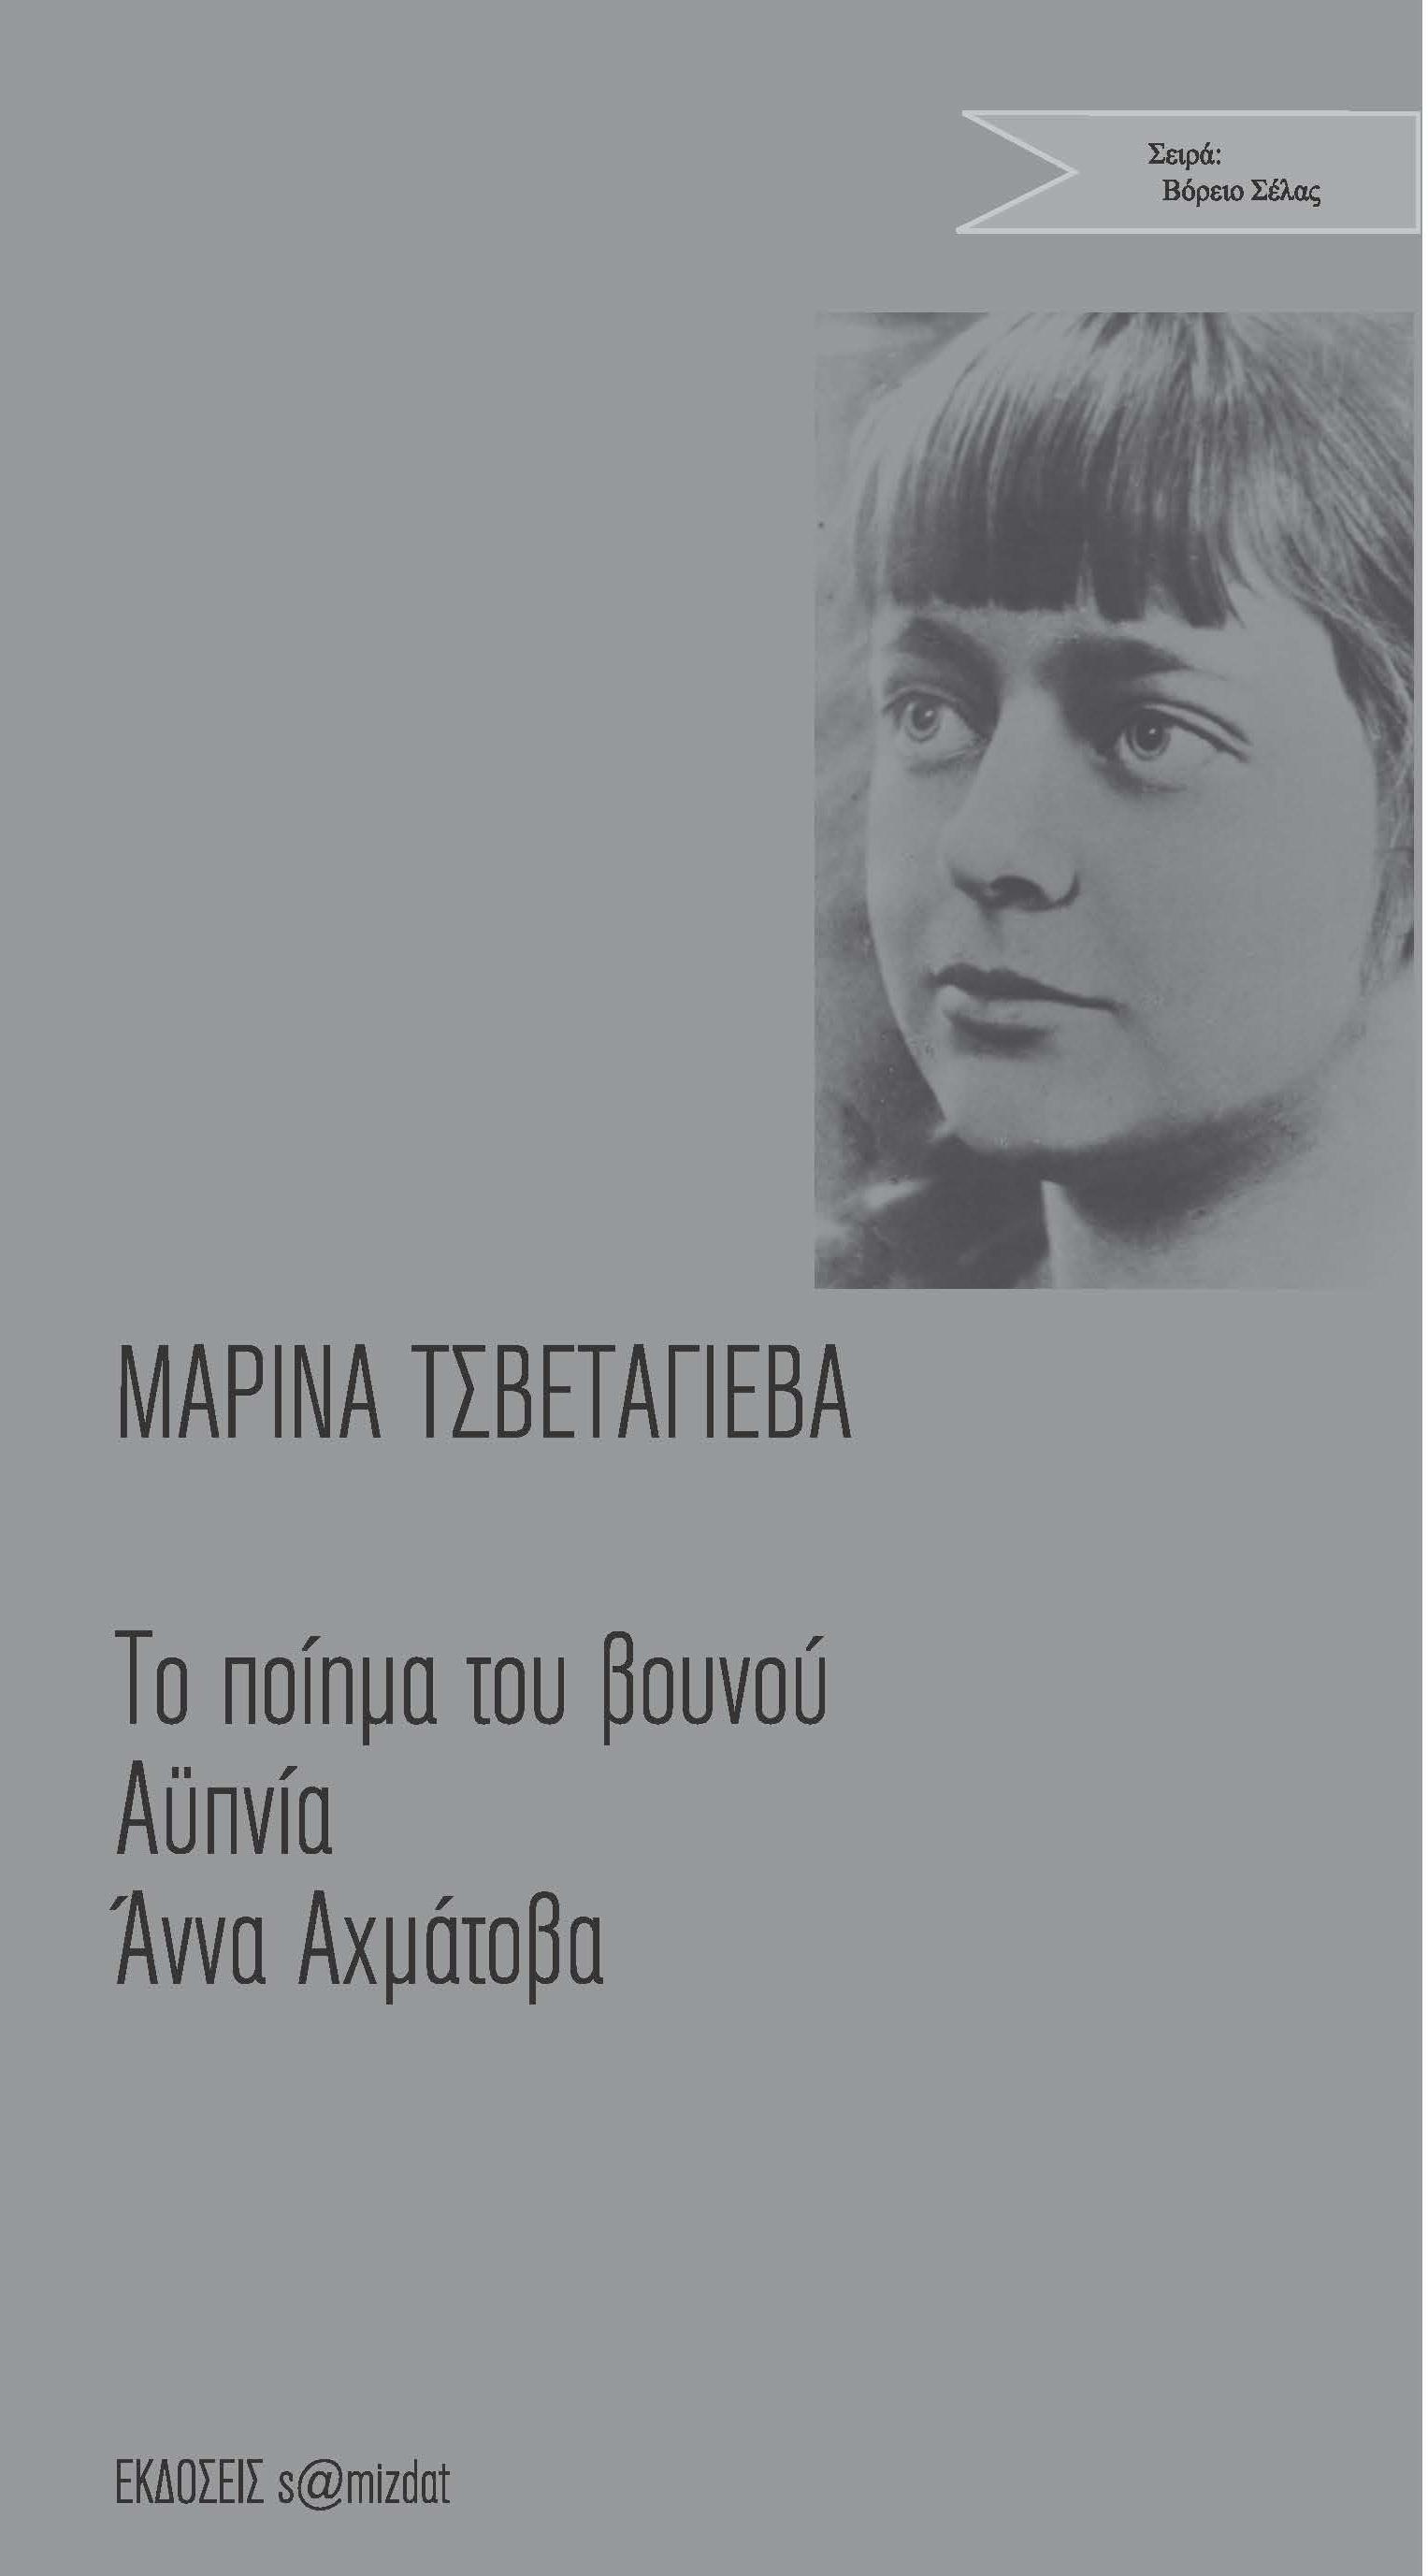 Μαρίνα Τσβετάγιεβα Το ποίημα του βουνού – Αϋπνία – Άννα Αχμάτοβα